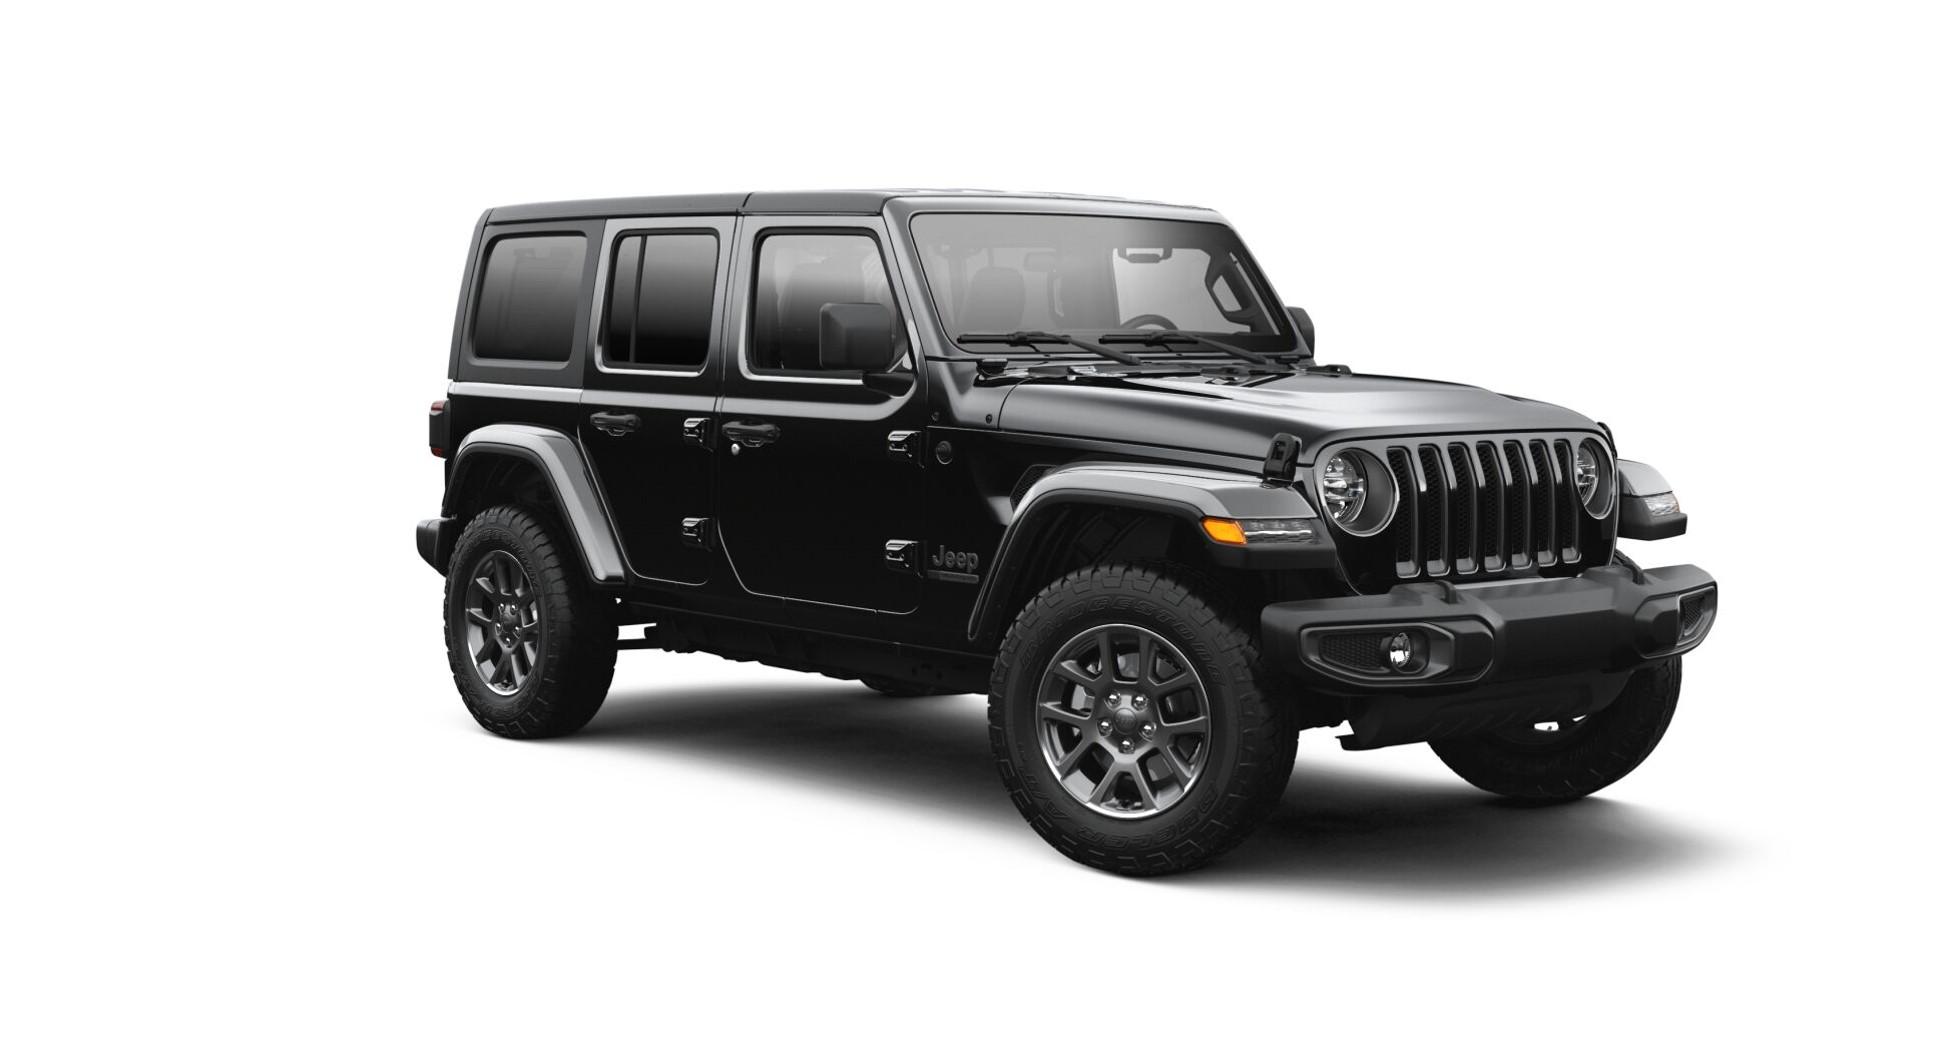 jeep wrangler serie especial 80 anos em fundo branco